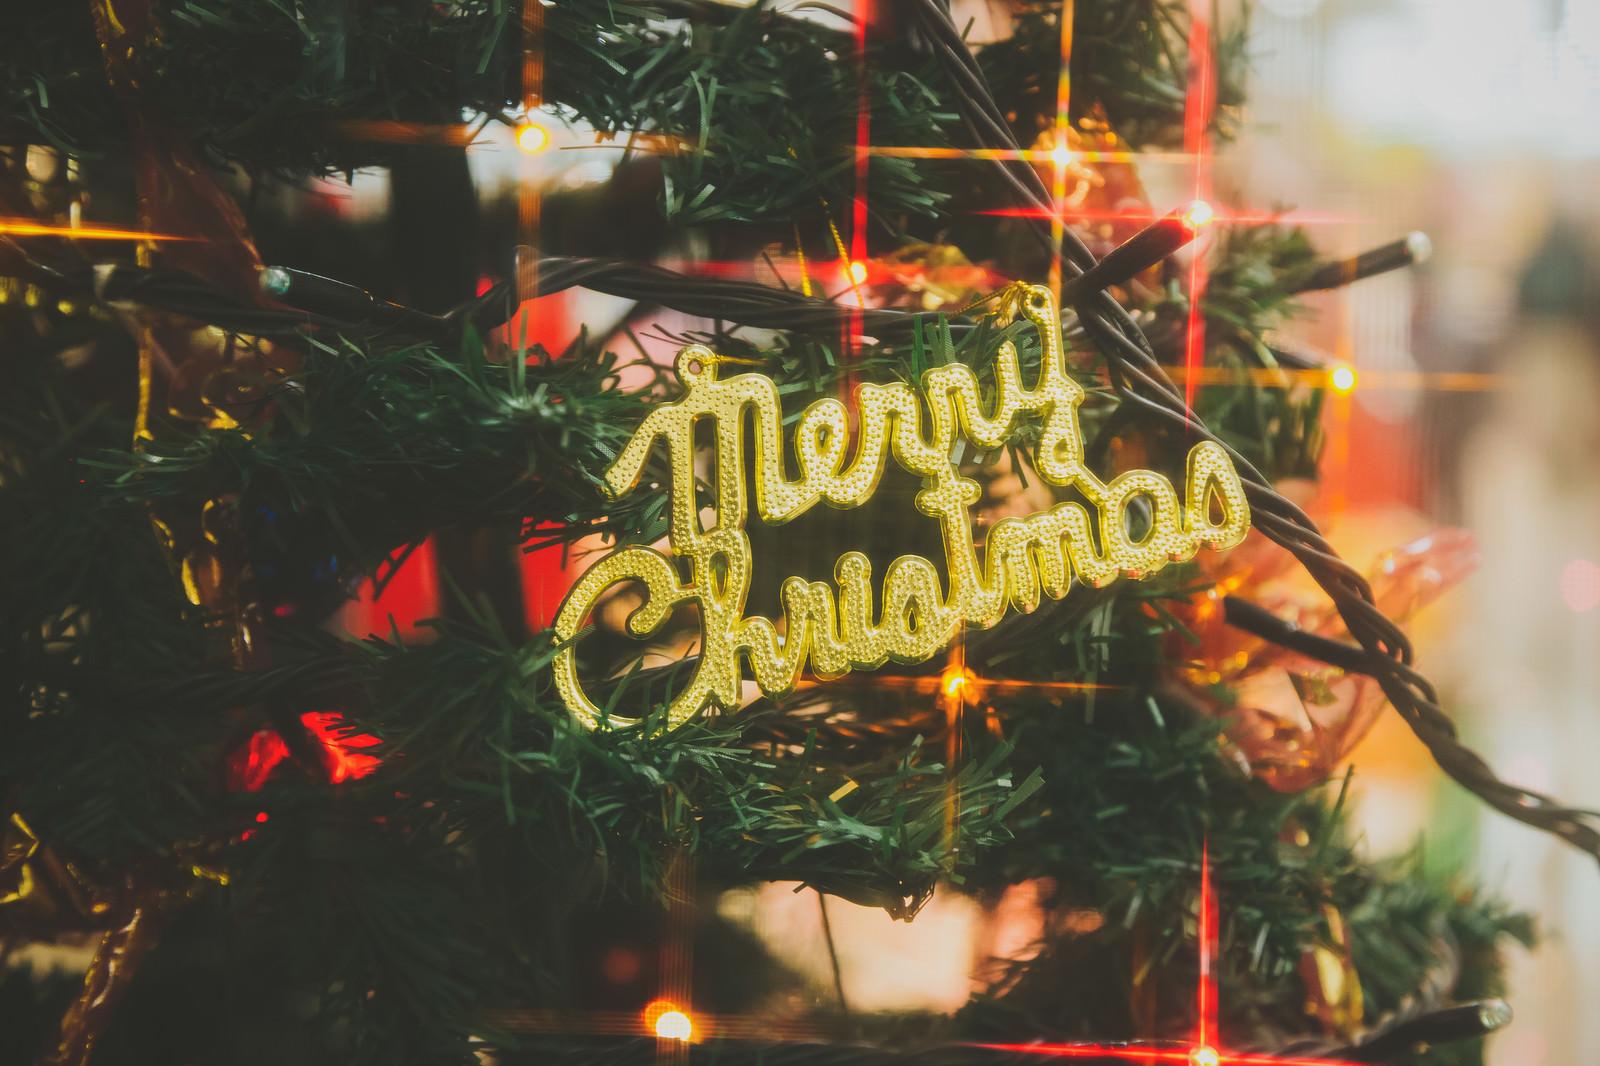 「Merry Christmasの飾りとツリー」の写真